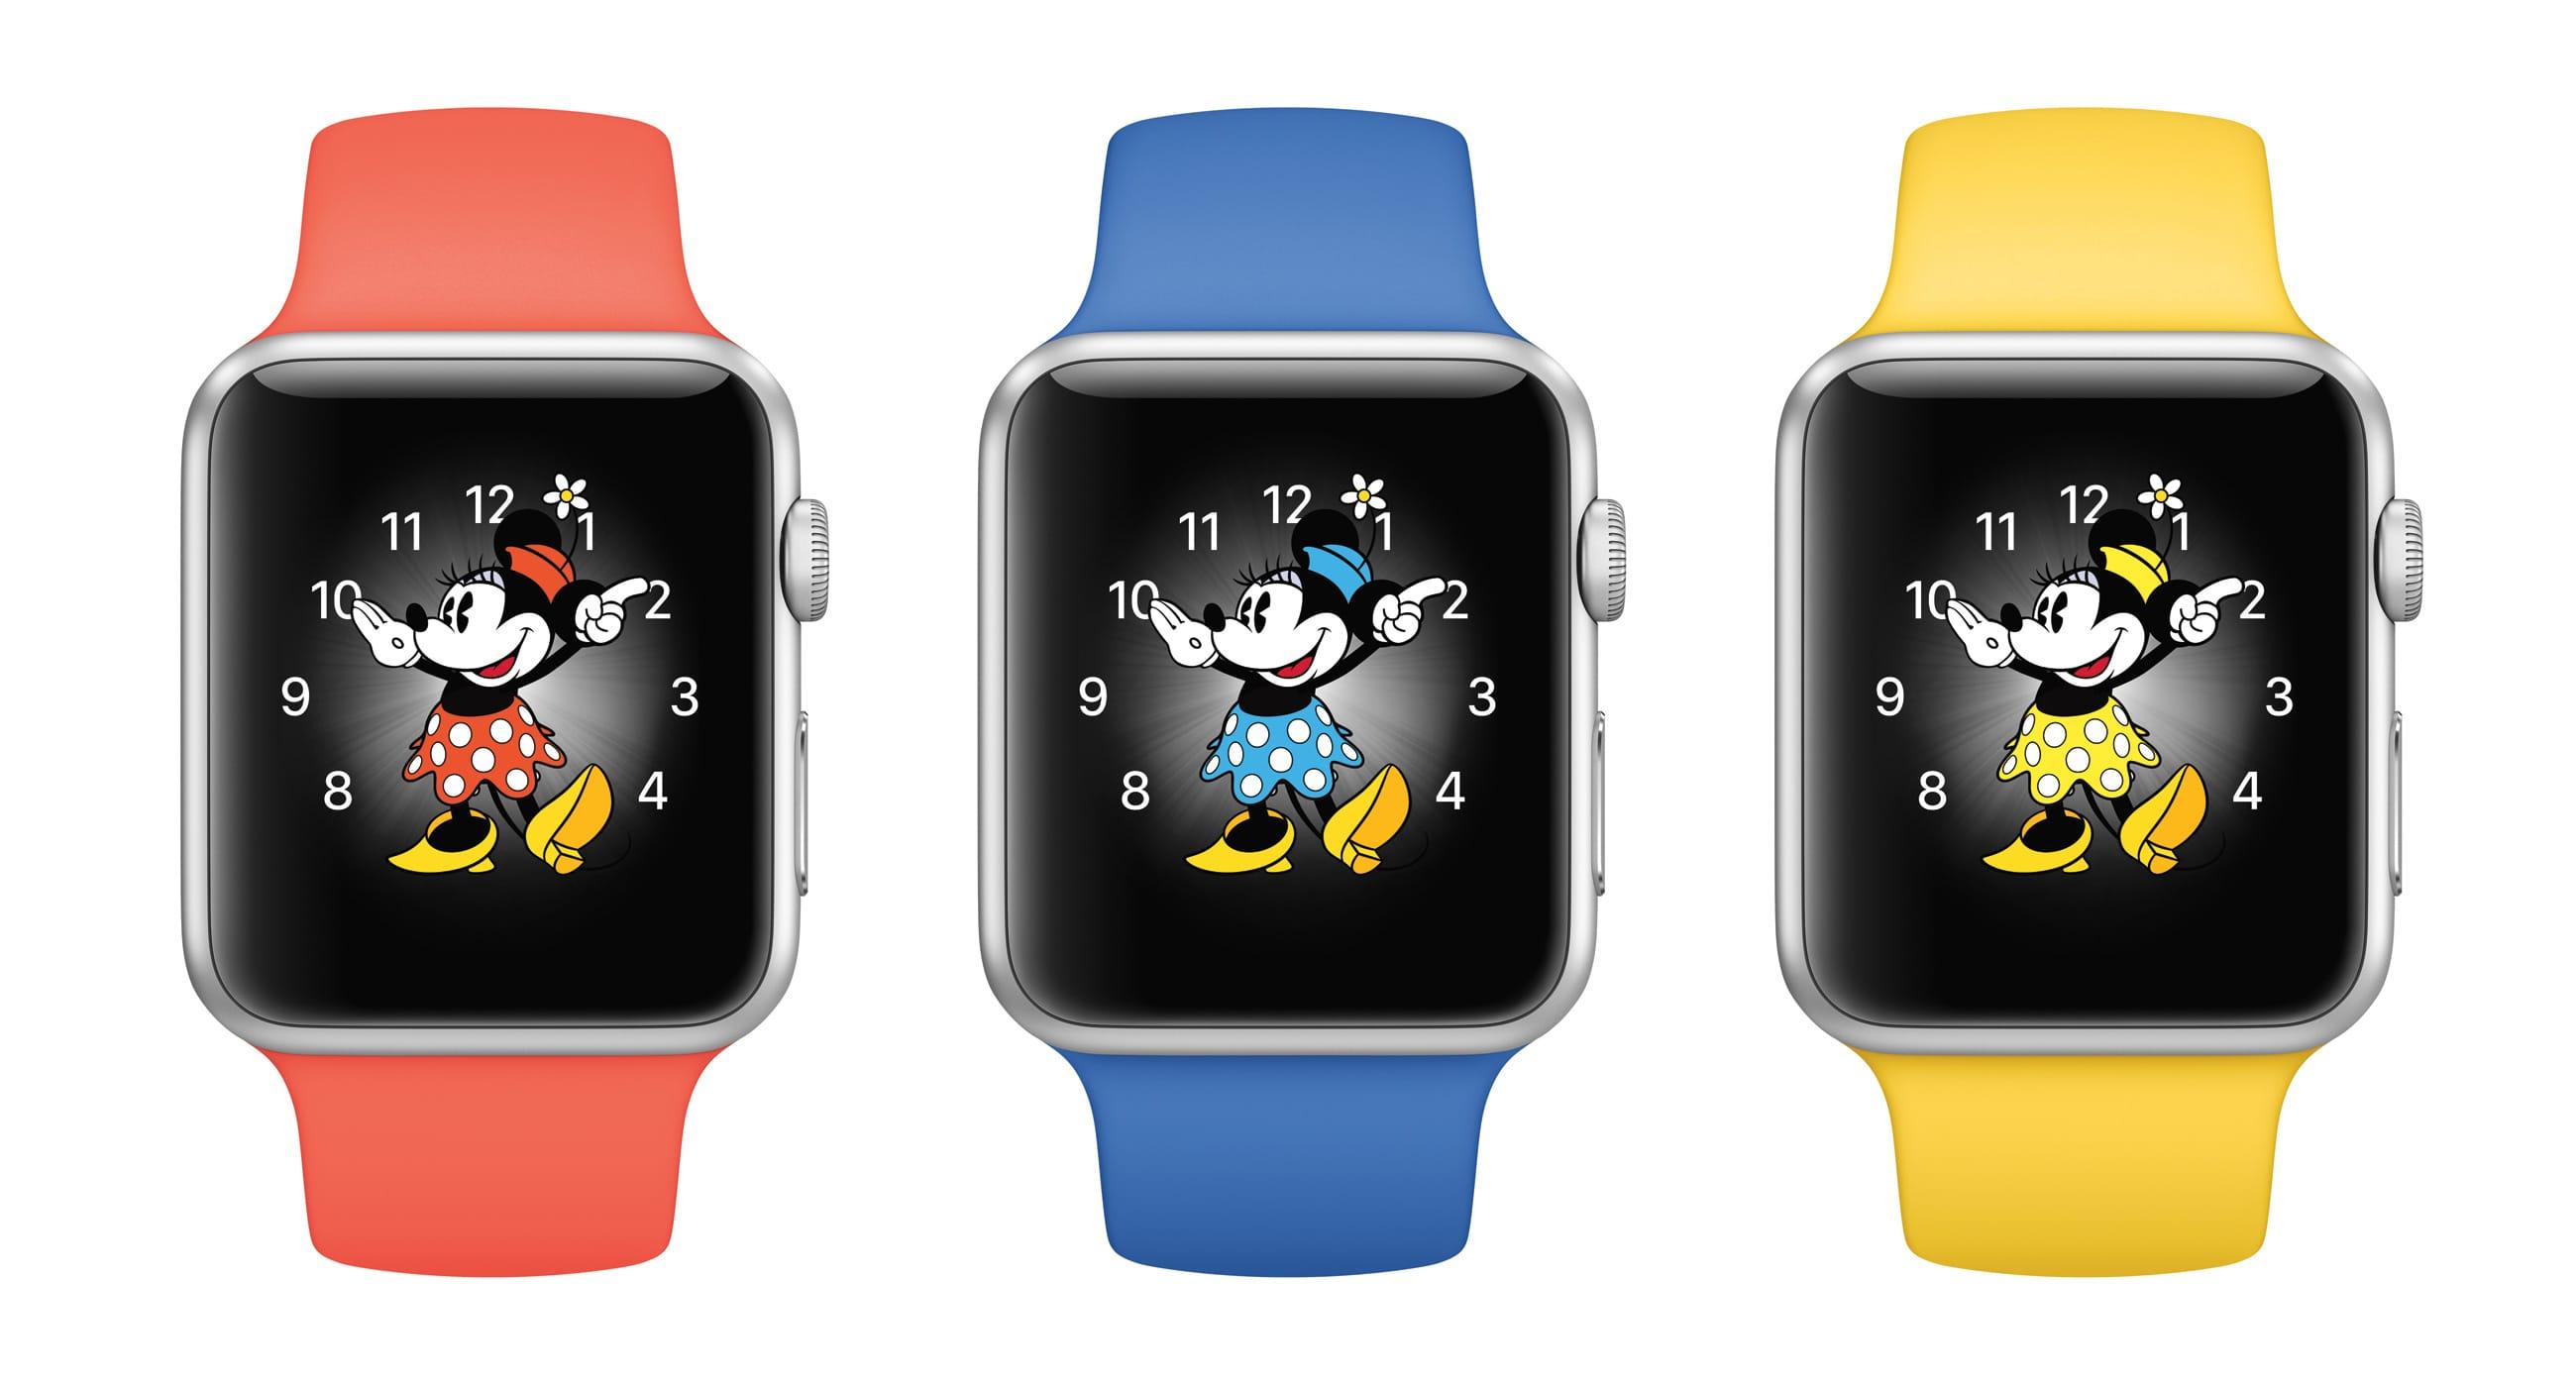 watchos3_clock-tarcze-zegarka